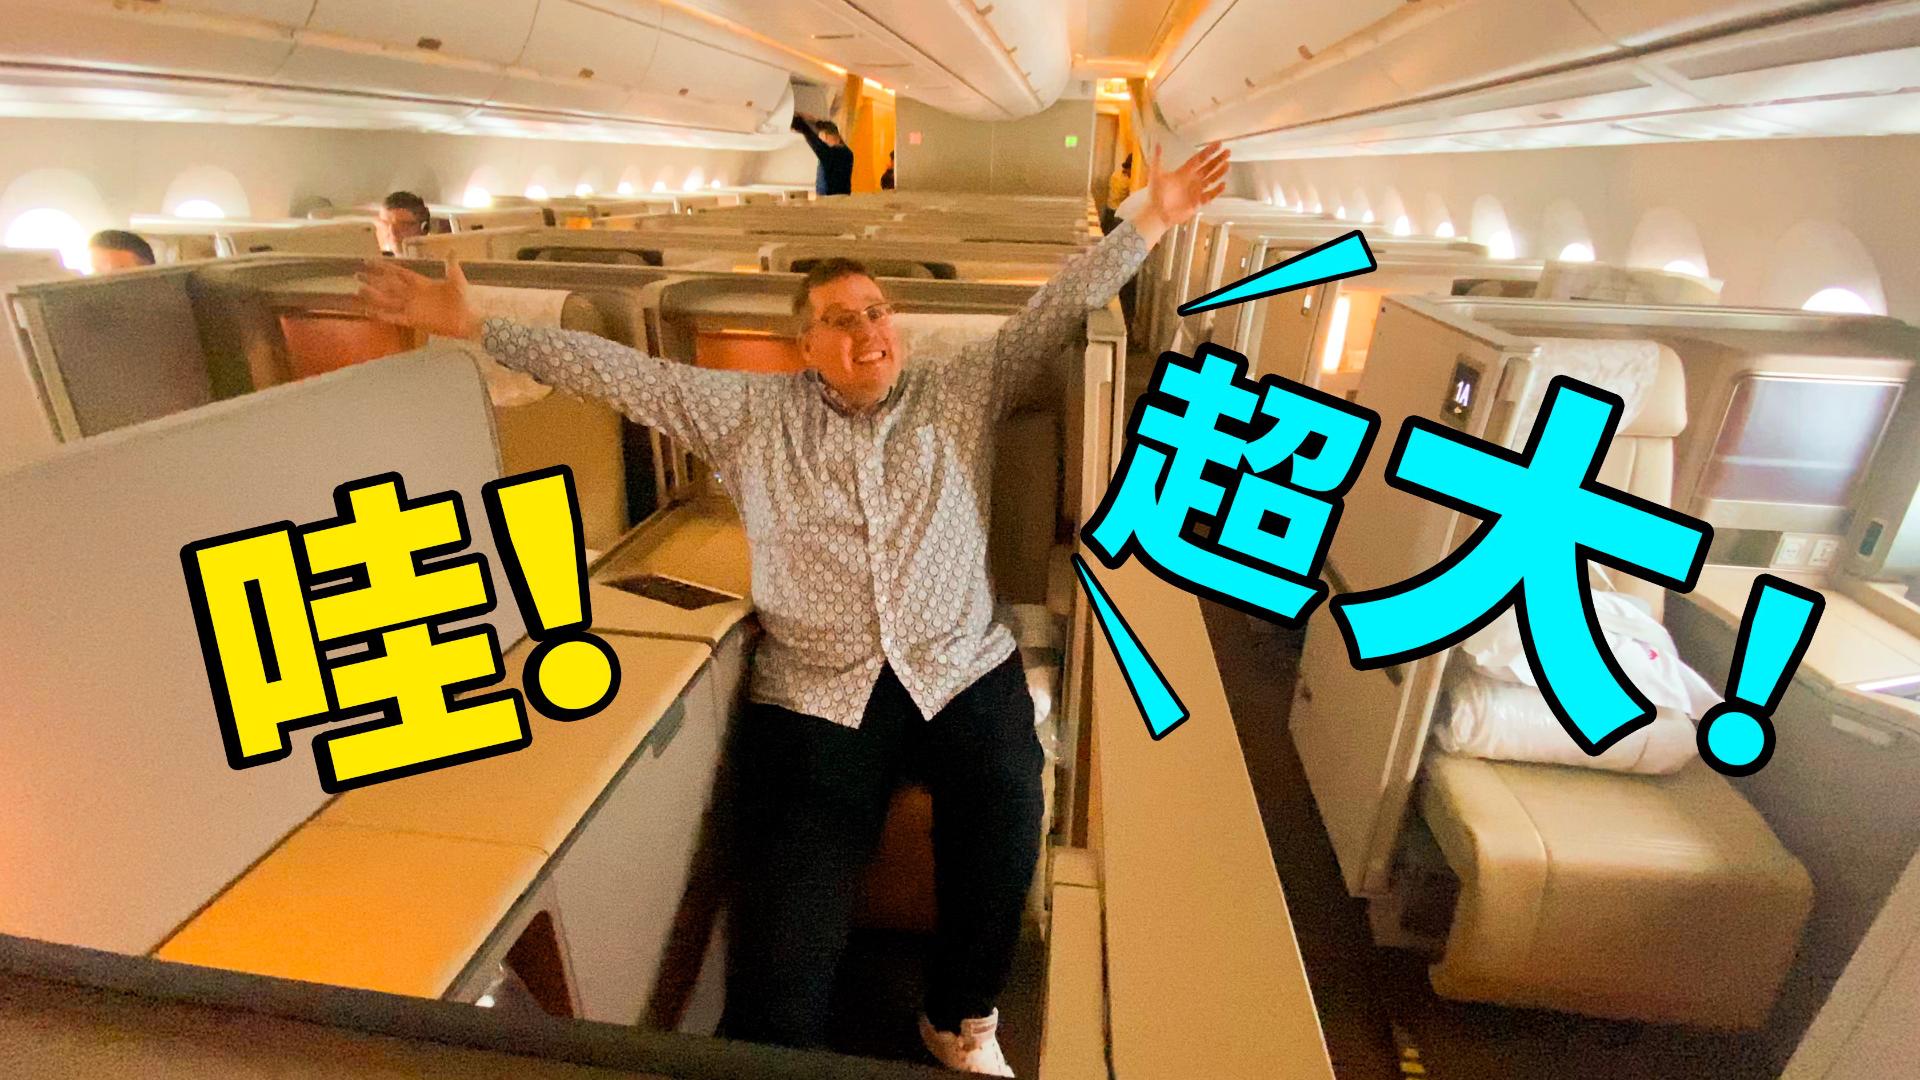 【阿福日记】这是世界上最棒的商务舱座位吗?